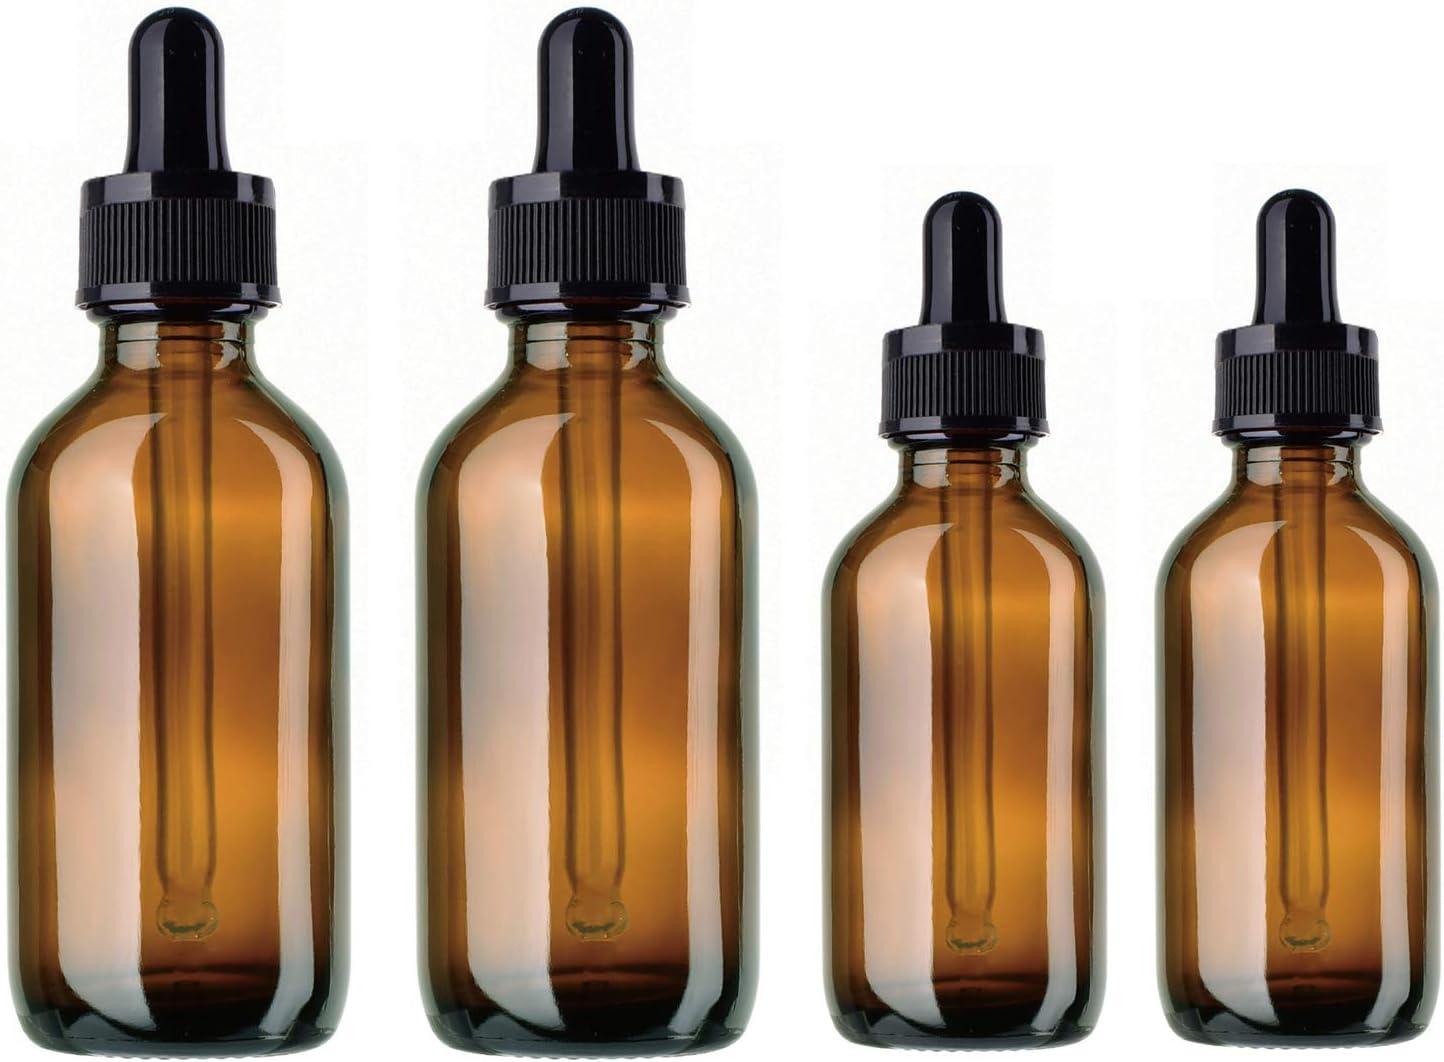 BlueXP4 Pieza Ámbar Botellas 10ml 20ml Marrón Boston de Botellas de Cristal y Pipeta para Aromaterapia Aceites Esenciales y Perfume Medicina Líquidos